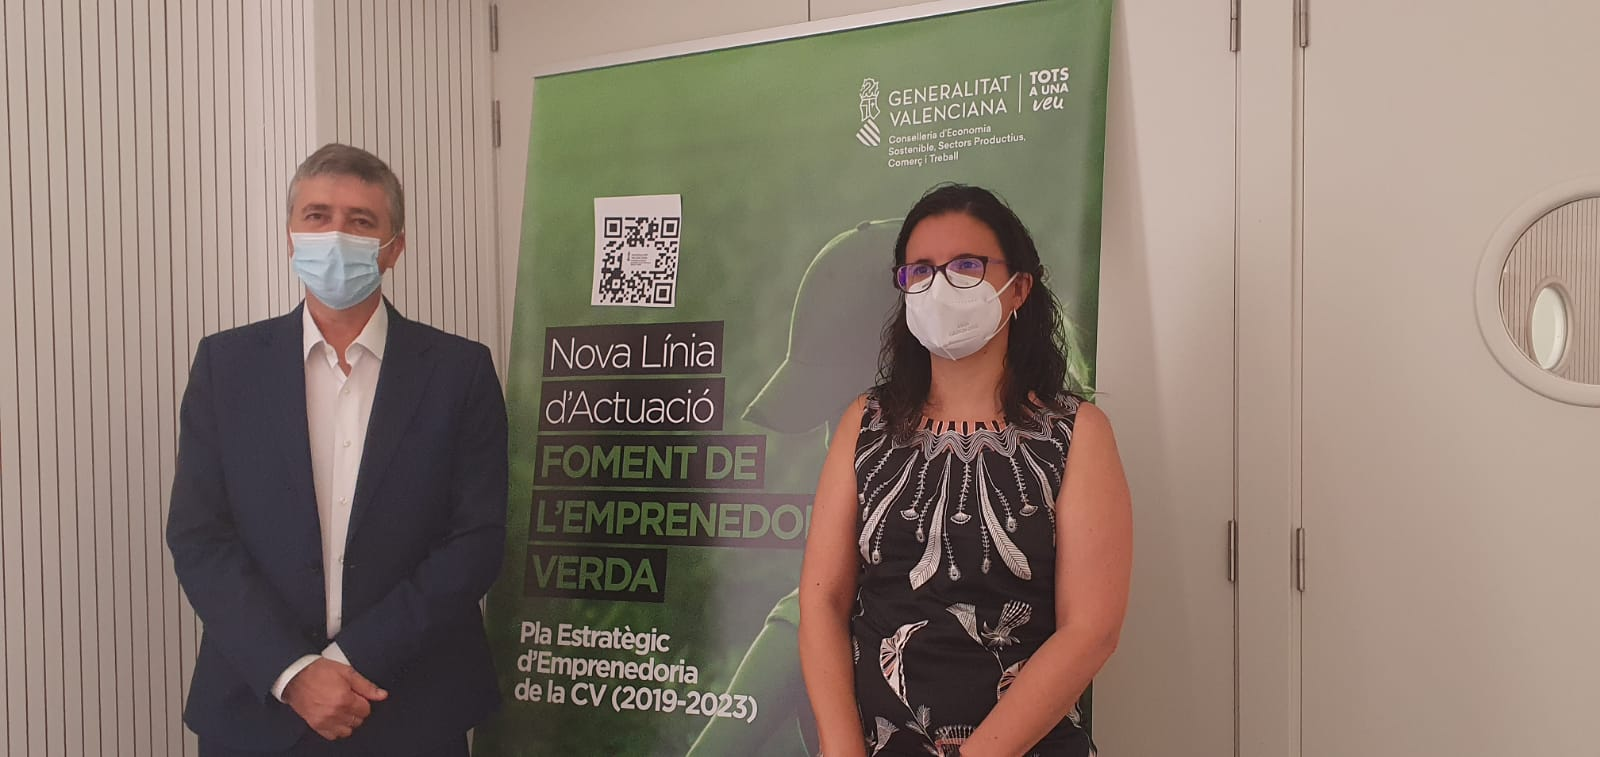 Economía introduce el emprendimiento verde como nueva línea de actuación en la lucha contra el cambio climático y el impacto económico de la COVID-19